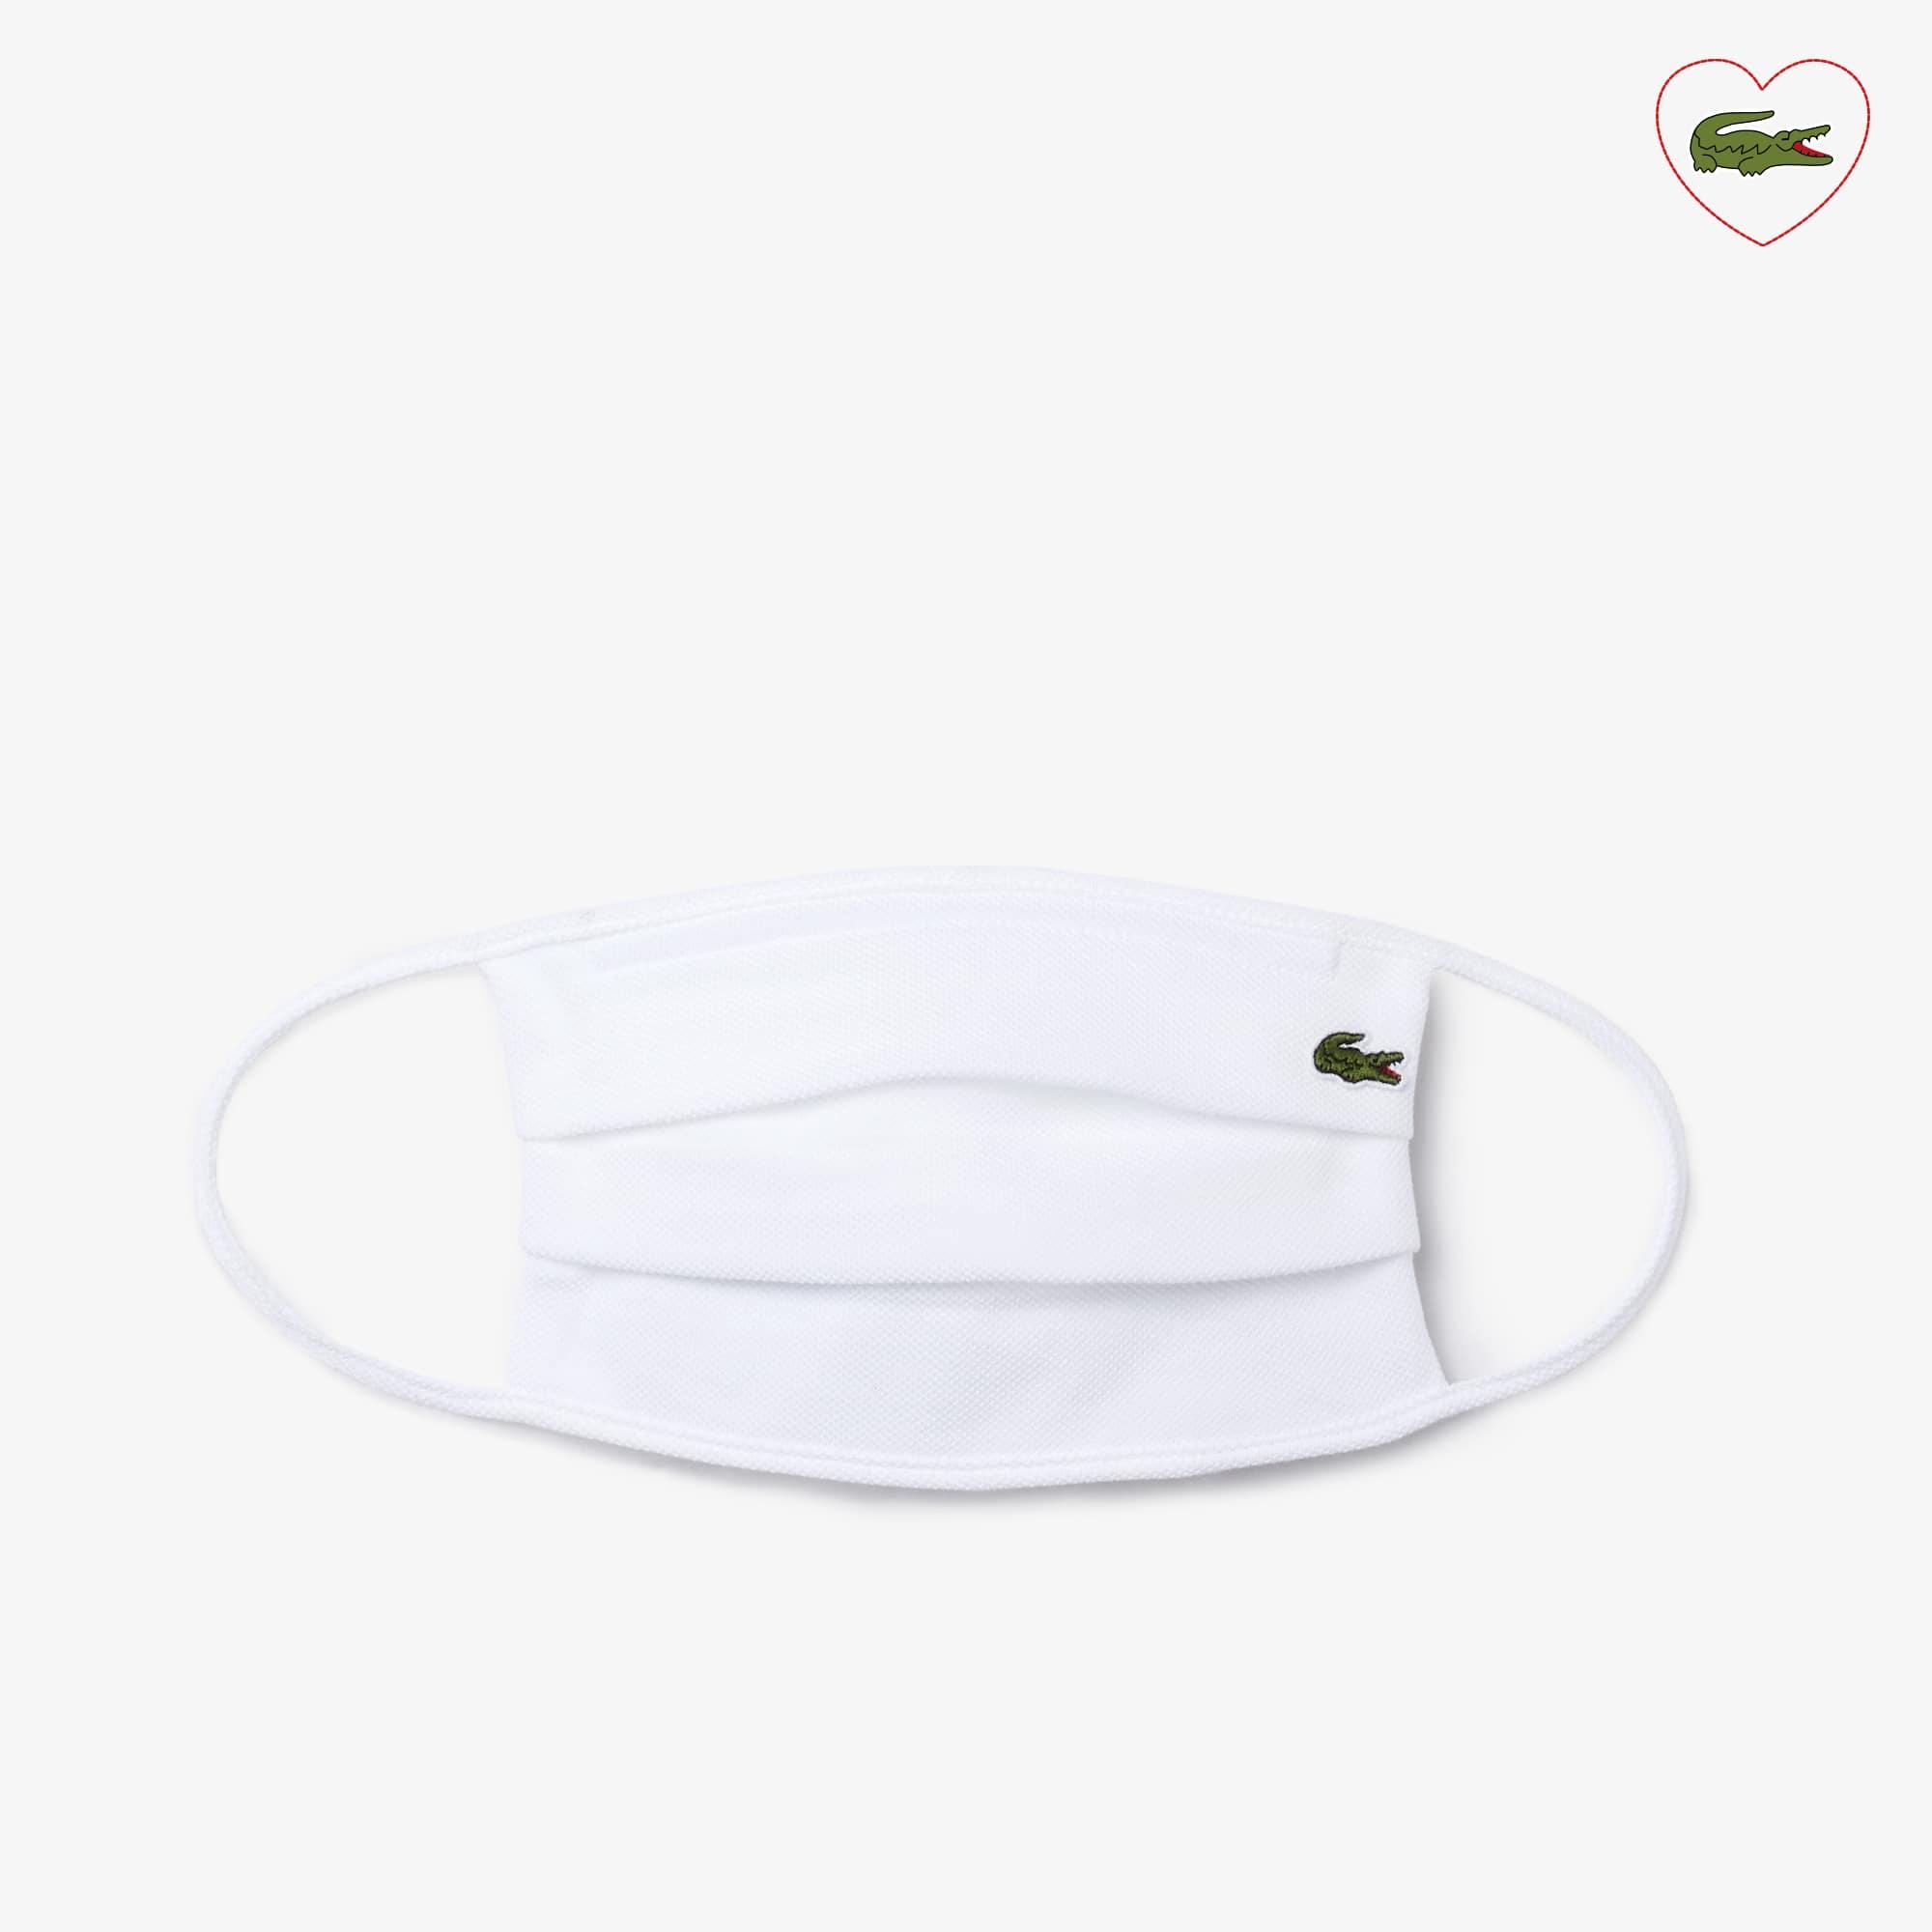 Die L.12.12 Maske aus Baumwoll-Piqué